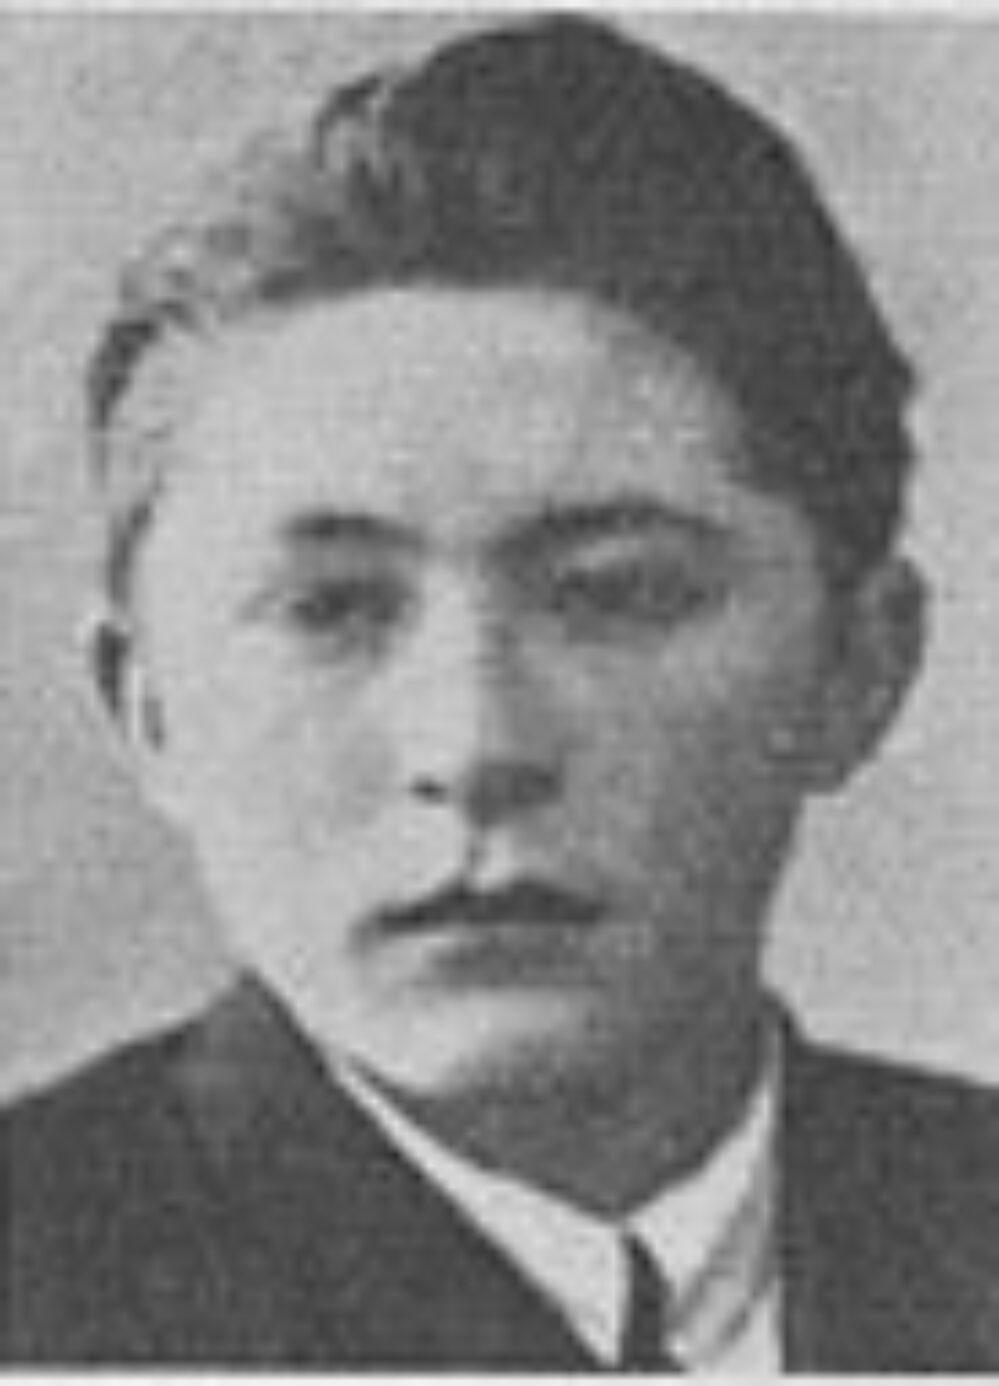 Sigfred Andreas Olsen